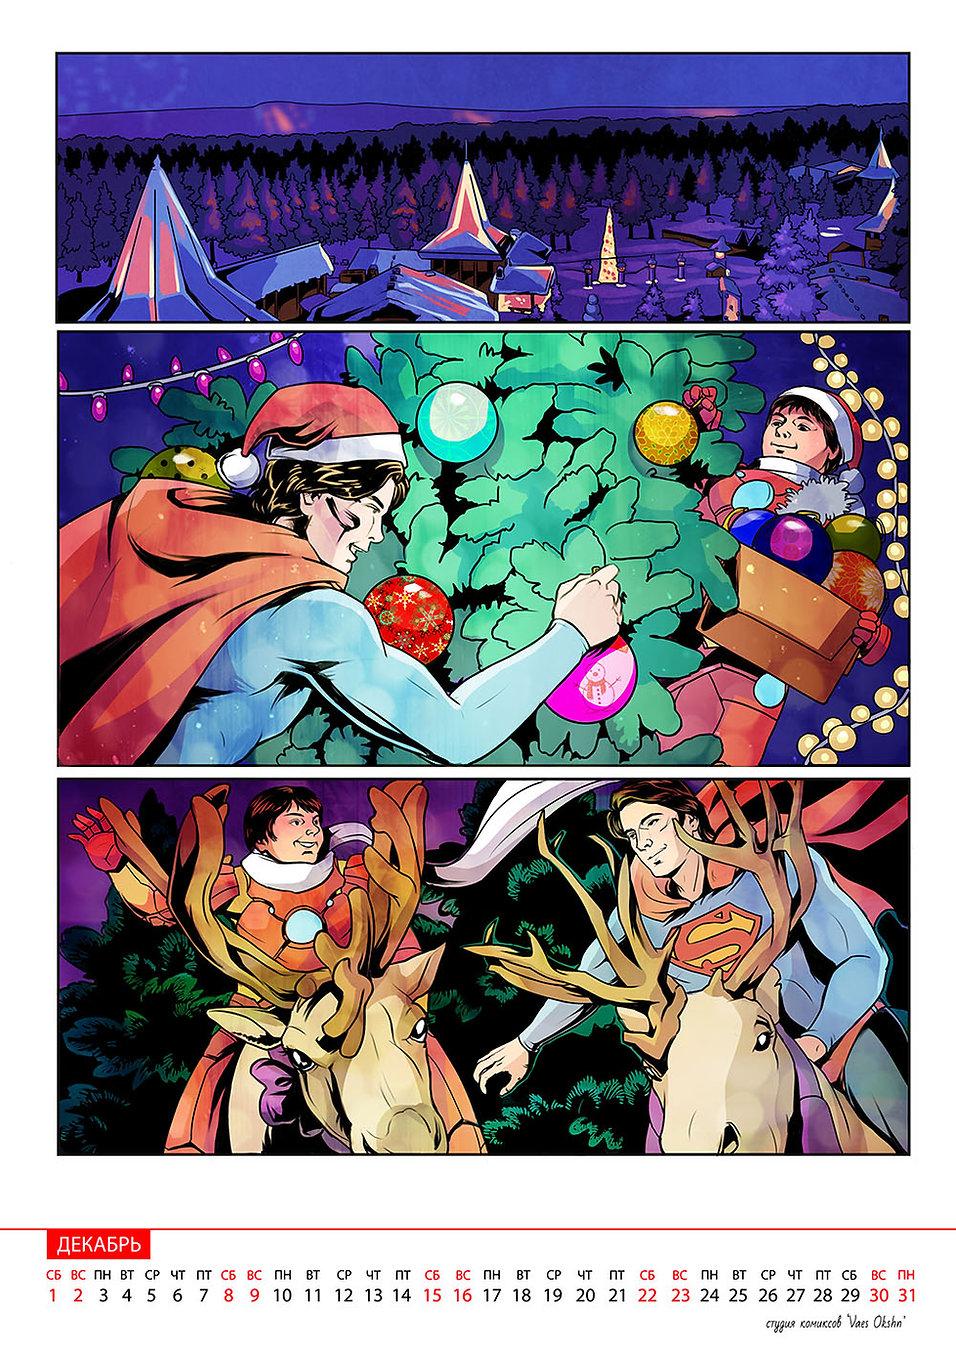 Перекидной календарь с семейными сюжетами в виде комикса. Нарисован на заказ в студии комиксов Vaes Okshn.